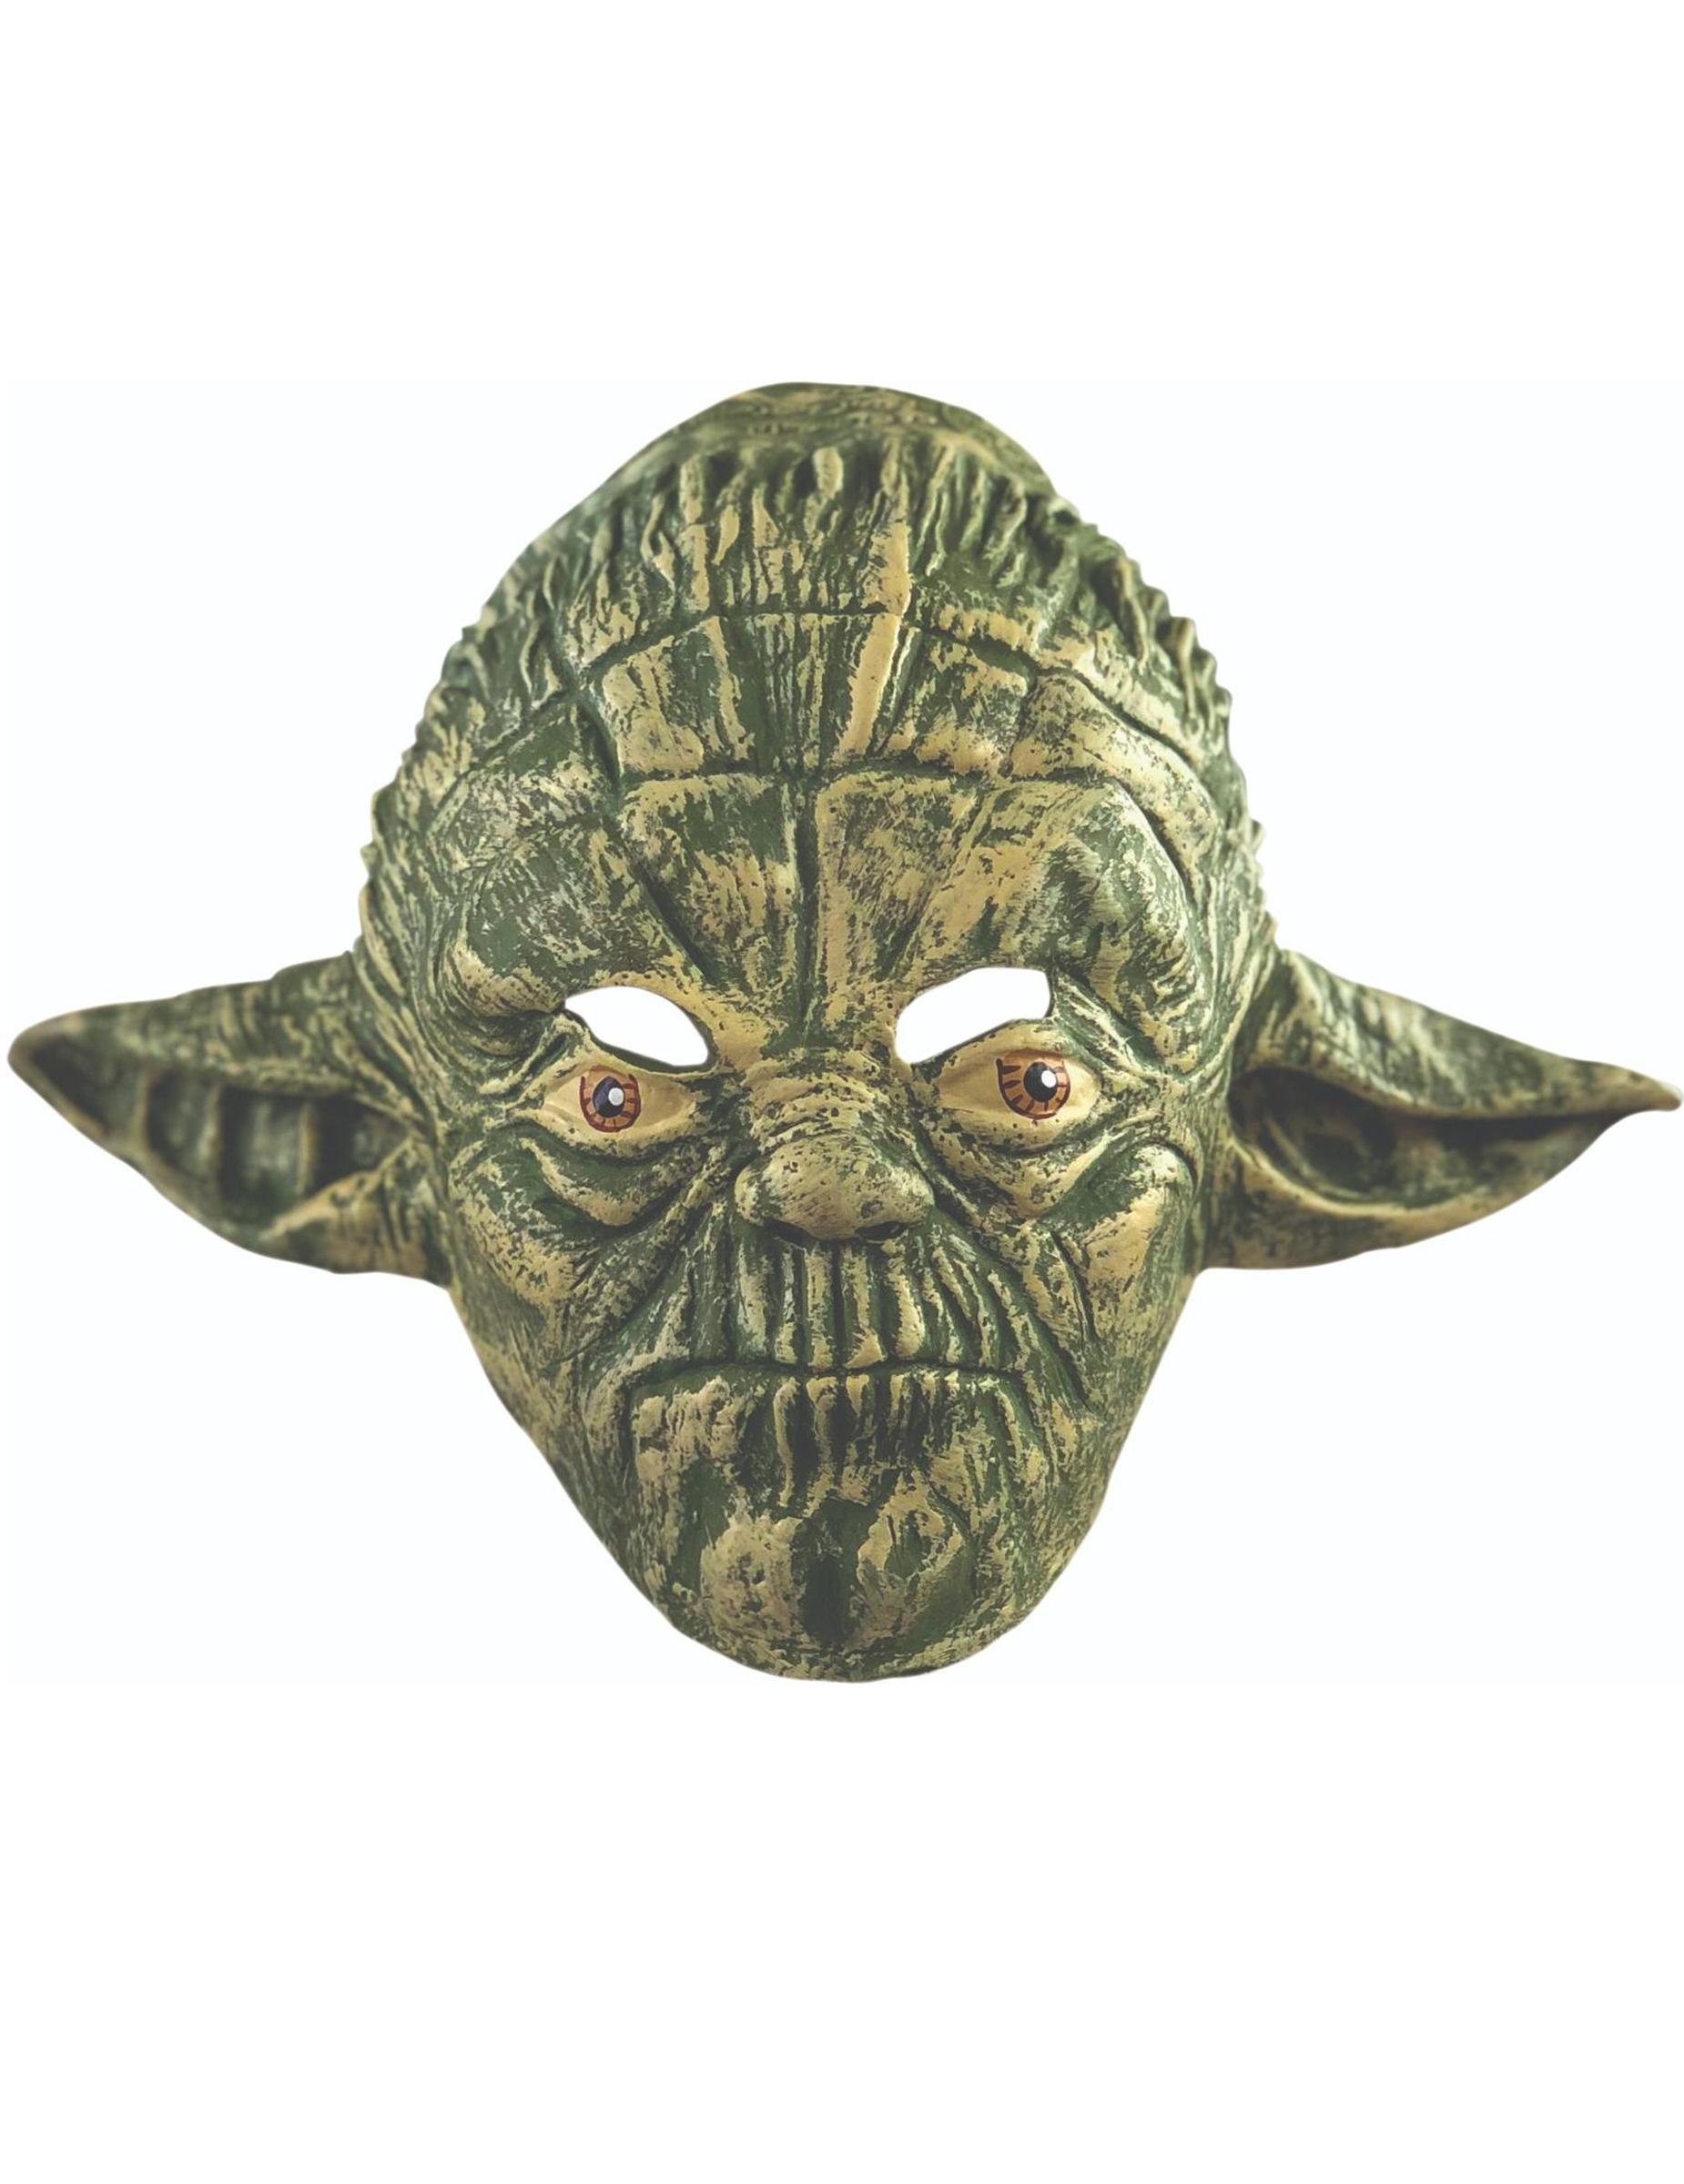 yoda maske star wars f r erwachsene masken und g nstige faschingskost me vegaoo. Black Bedroom Furniture Sets. Home Design Ideas